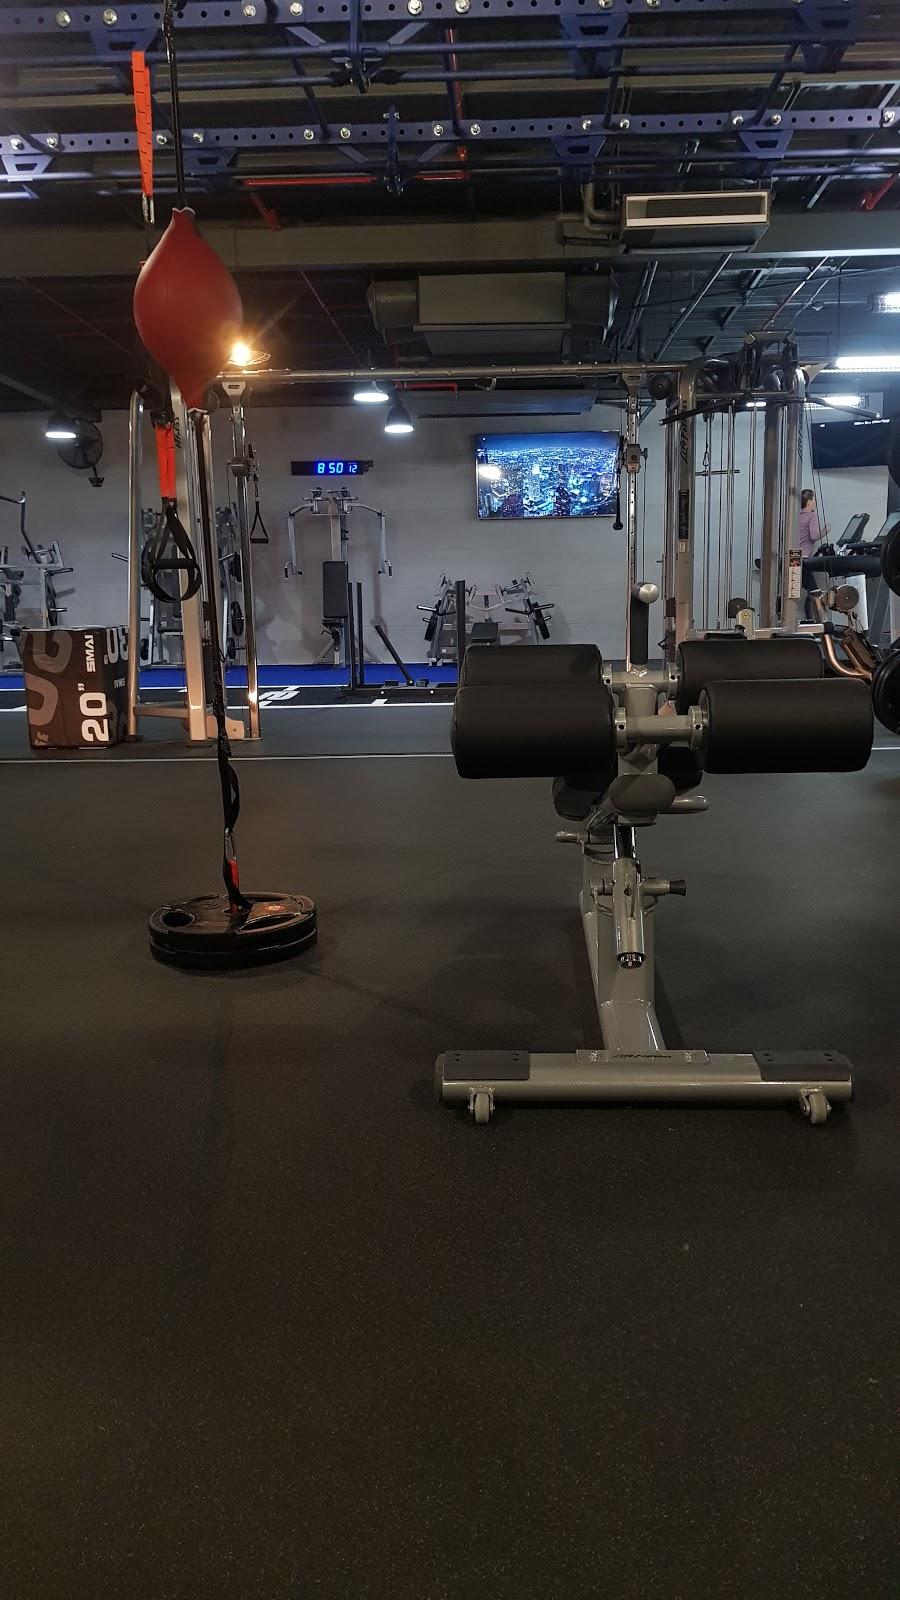 Lennox head gym